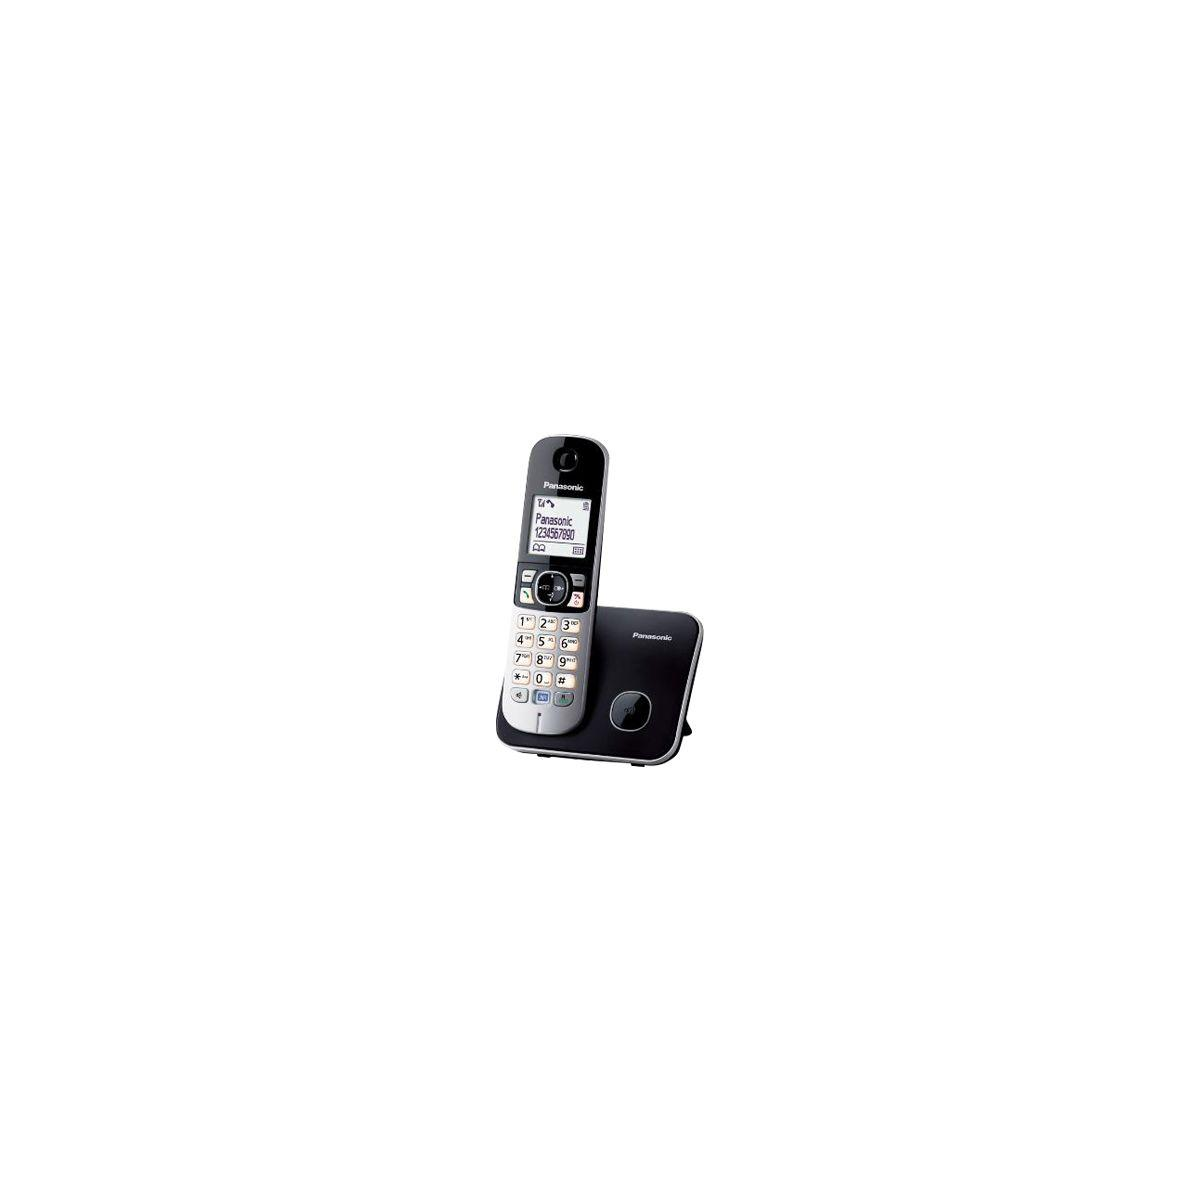 Téléphone panasonic kx-tg6811 - 3% de remise immédiate avec le code : multi3 (photo)